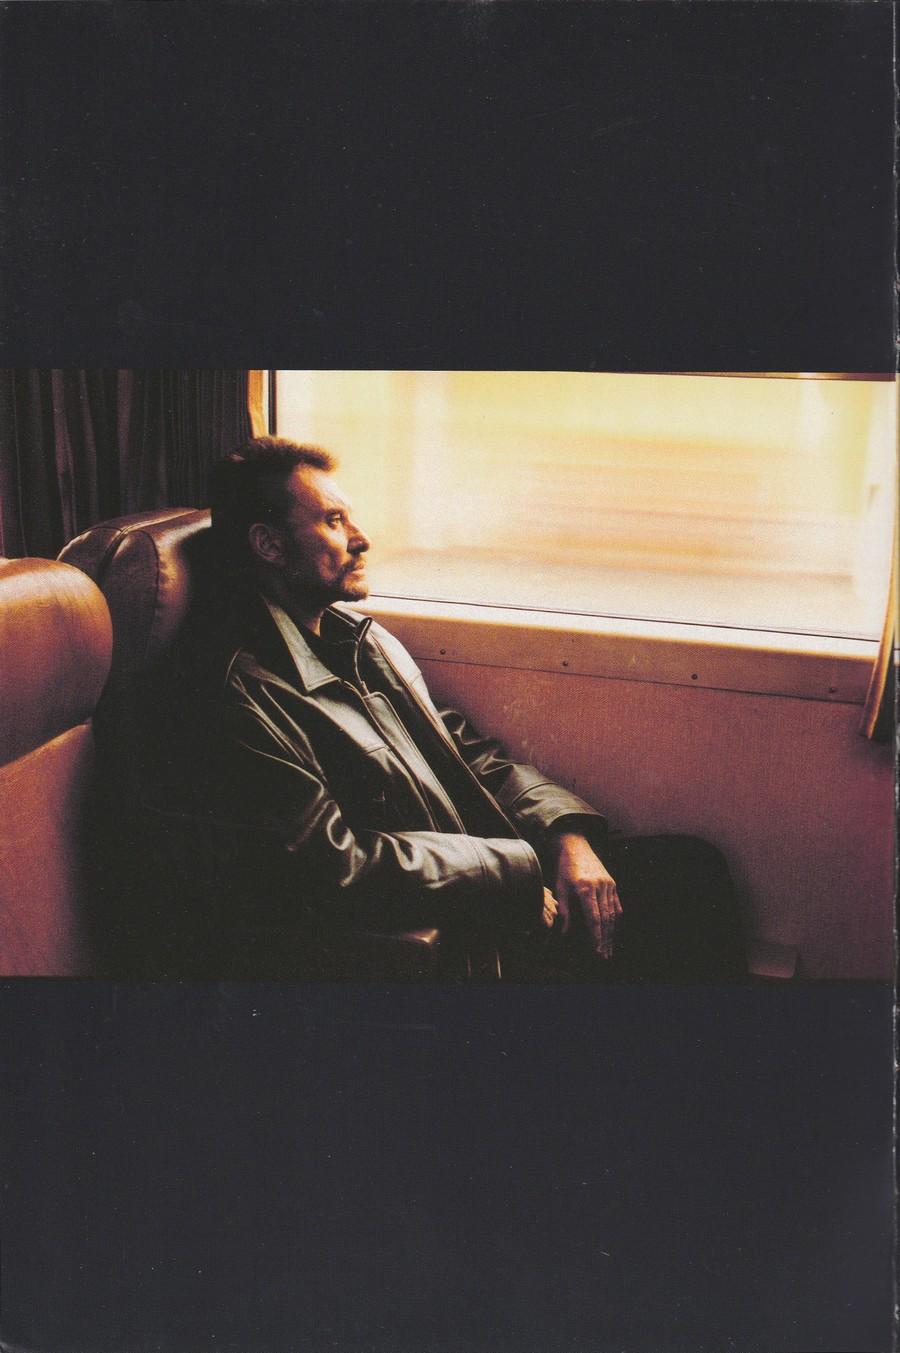 LES FILMS DE JOHNNY 'L'HOMME DU TRAIN' 2002 Img_2735